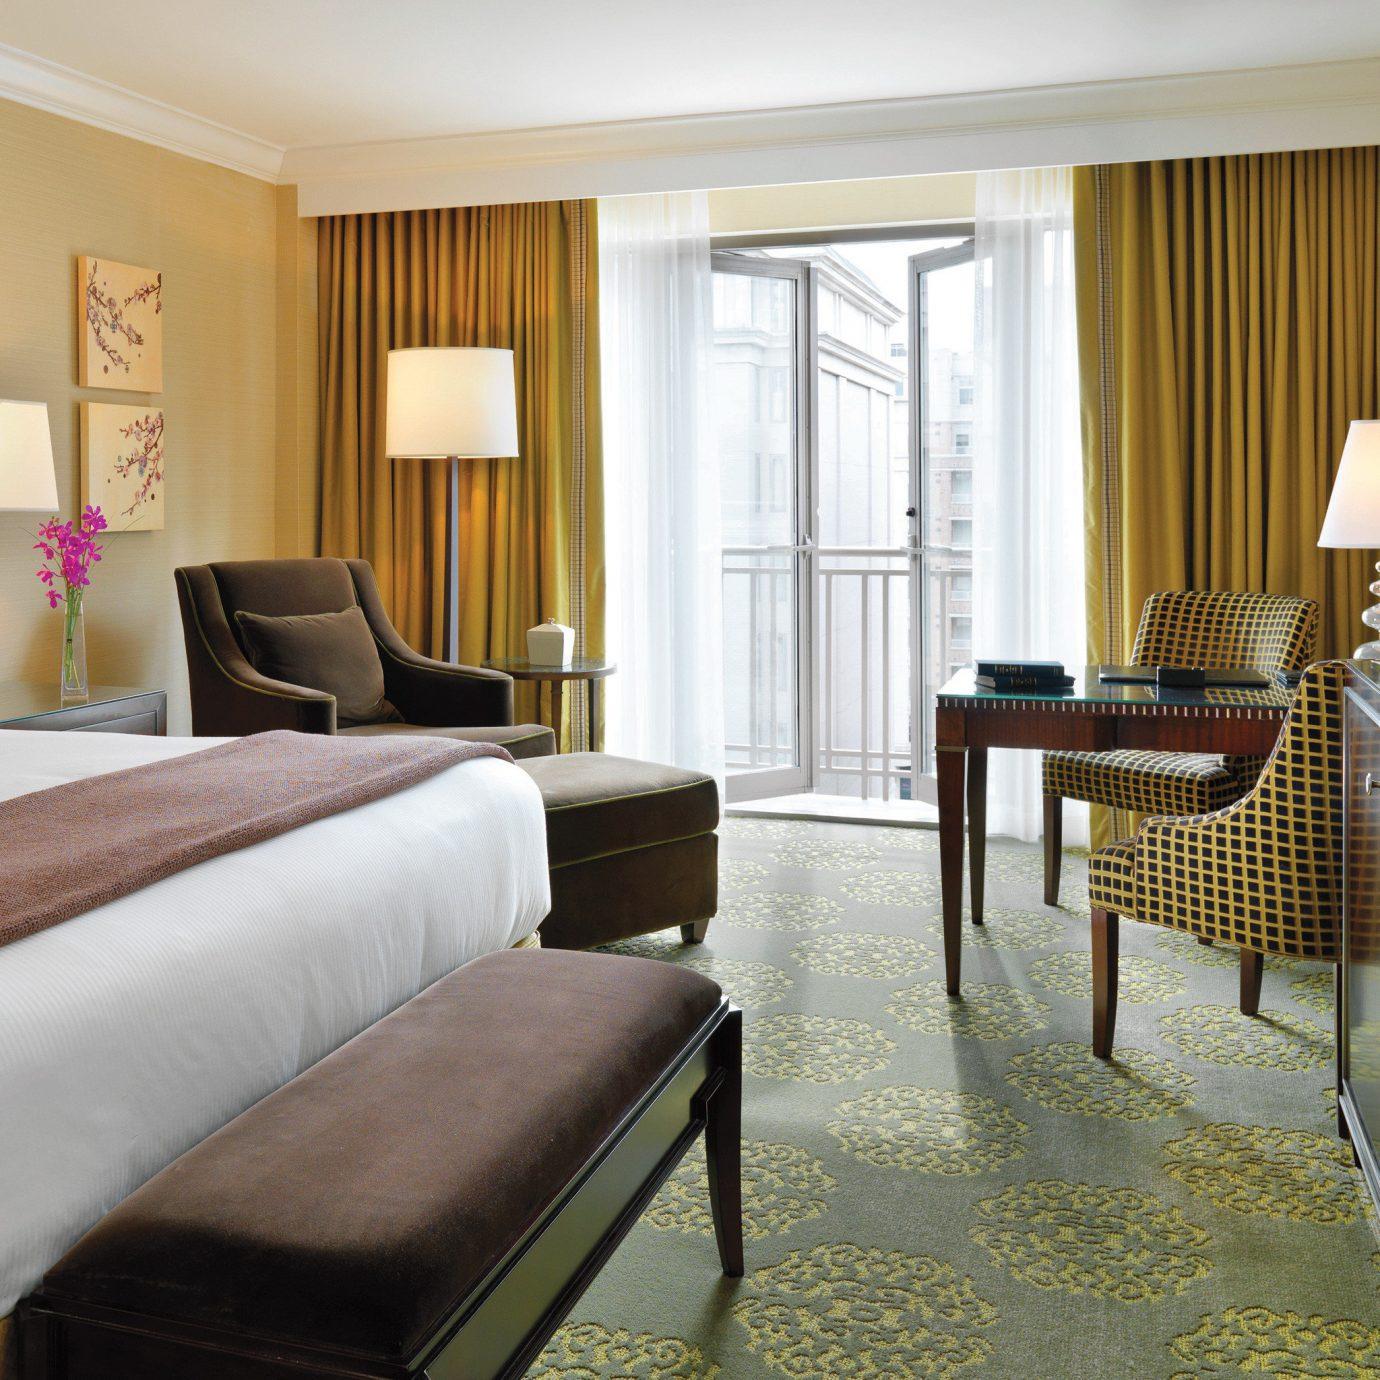 Bedroom Classic Resort sofa property Suite home condominium living room cottage Villa flat containing